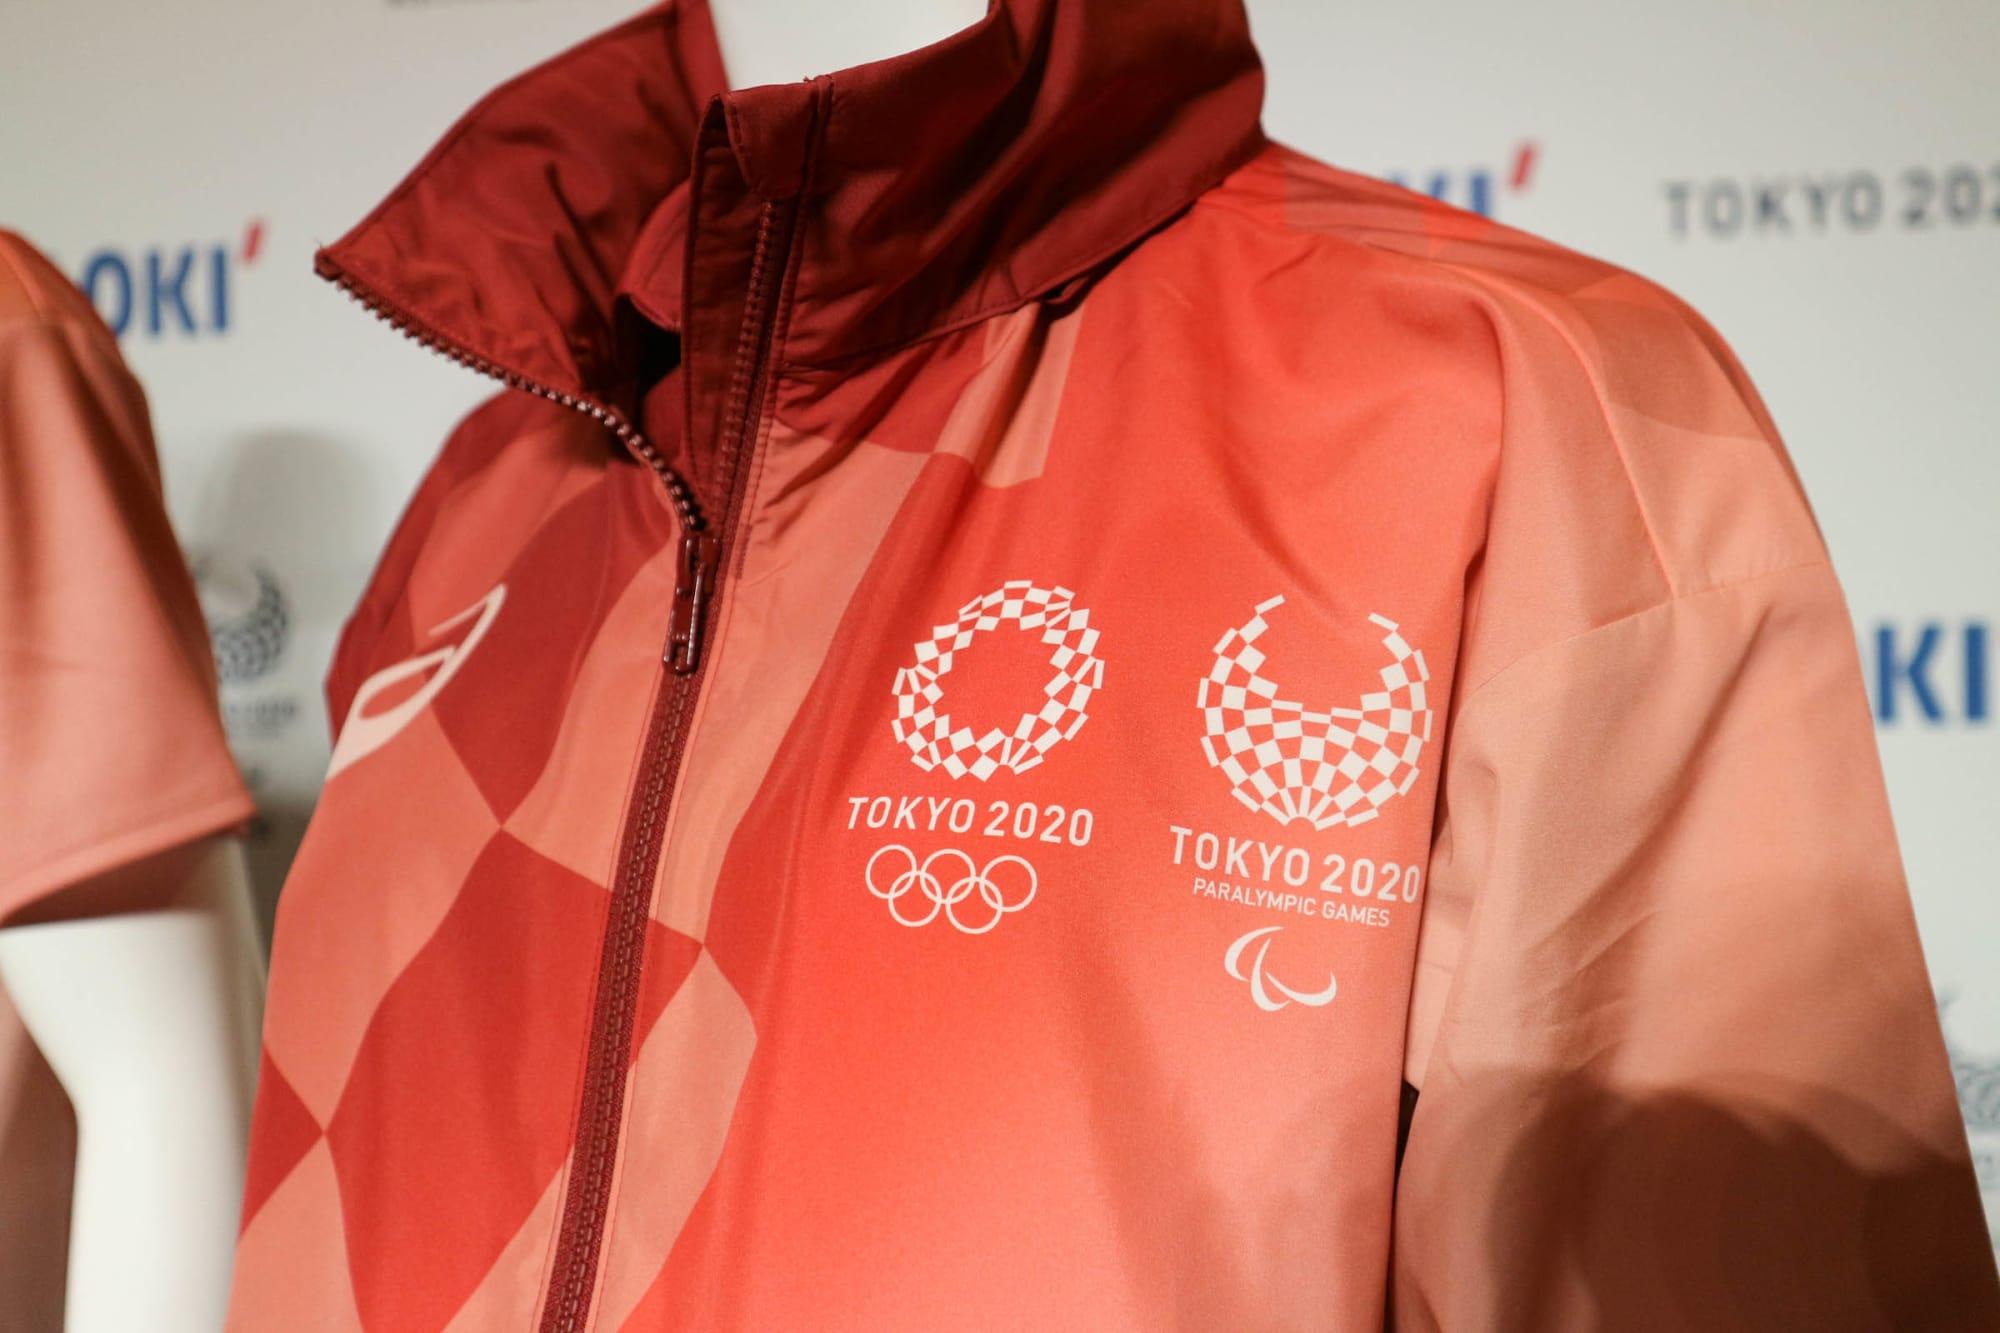 东京奥运会延期也不会更改奥运会名称TOKYO 2020